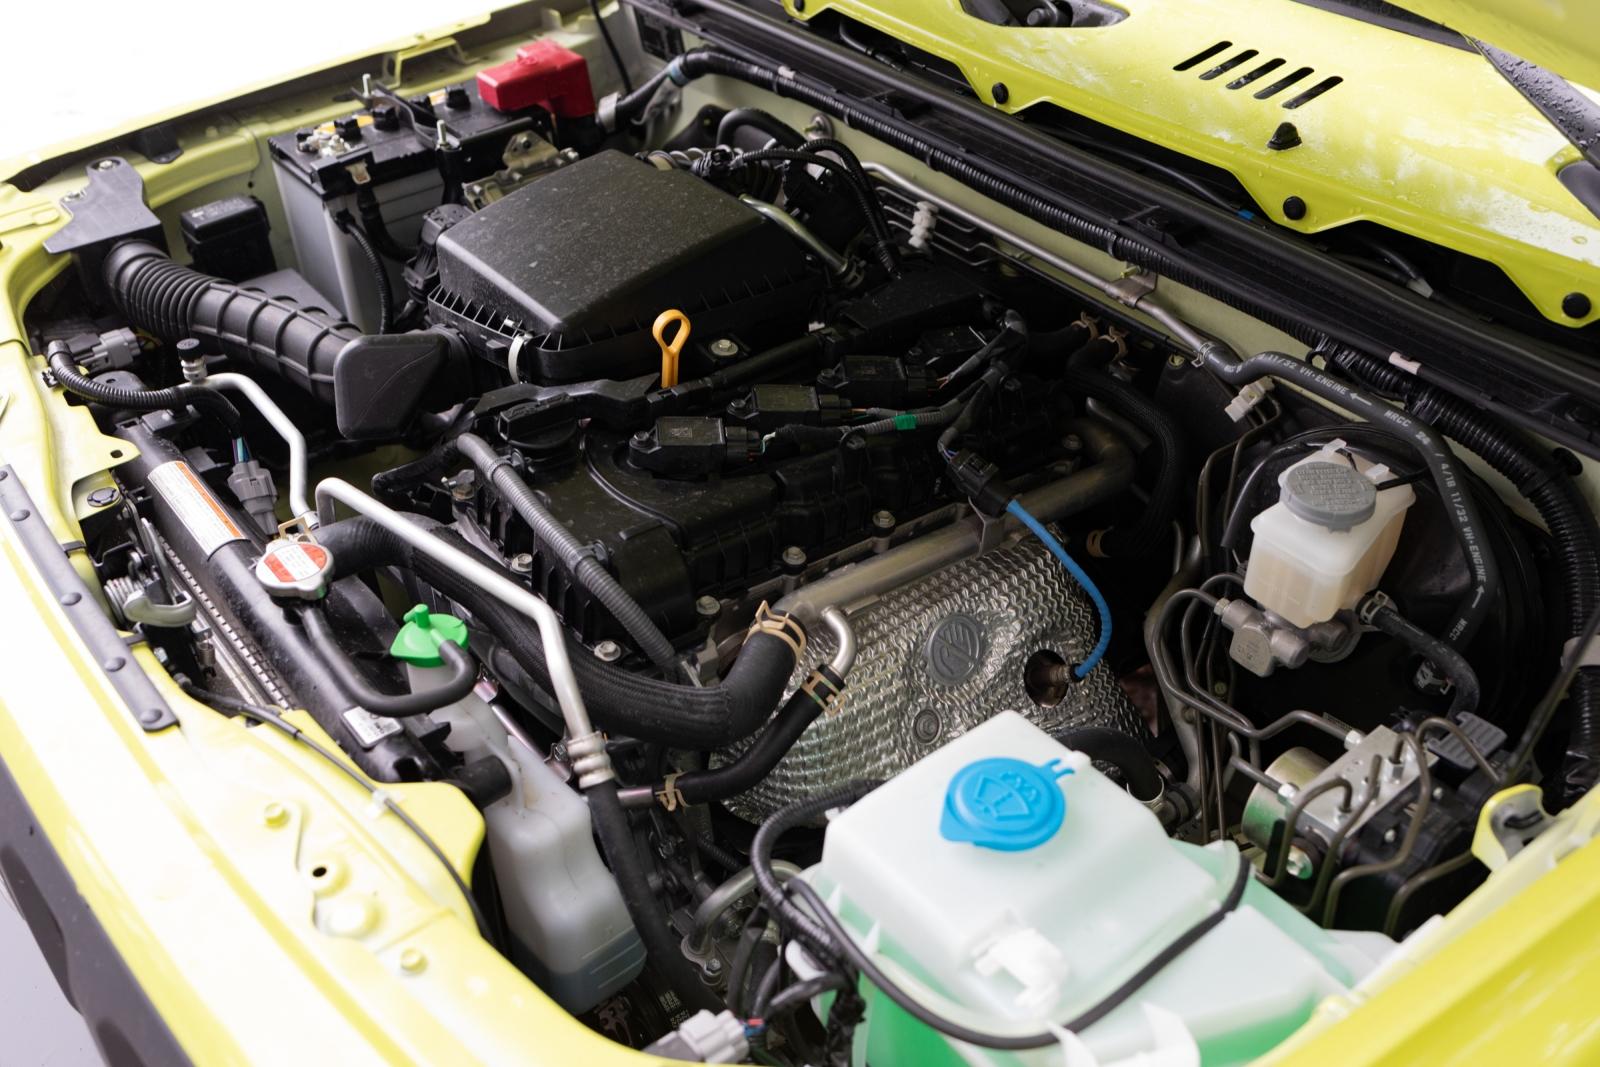 Suzuki Jimny GJ - Der 1,5 Liter Saugbenziner. Überschaubare Technik.